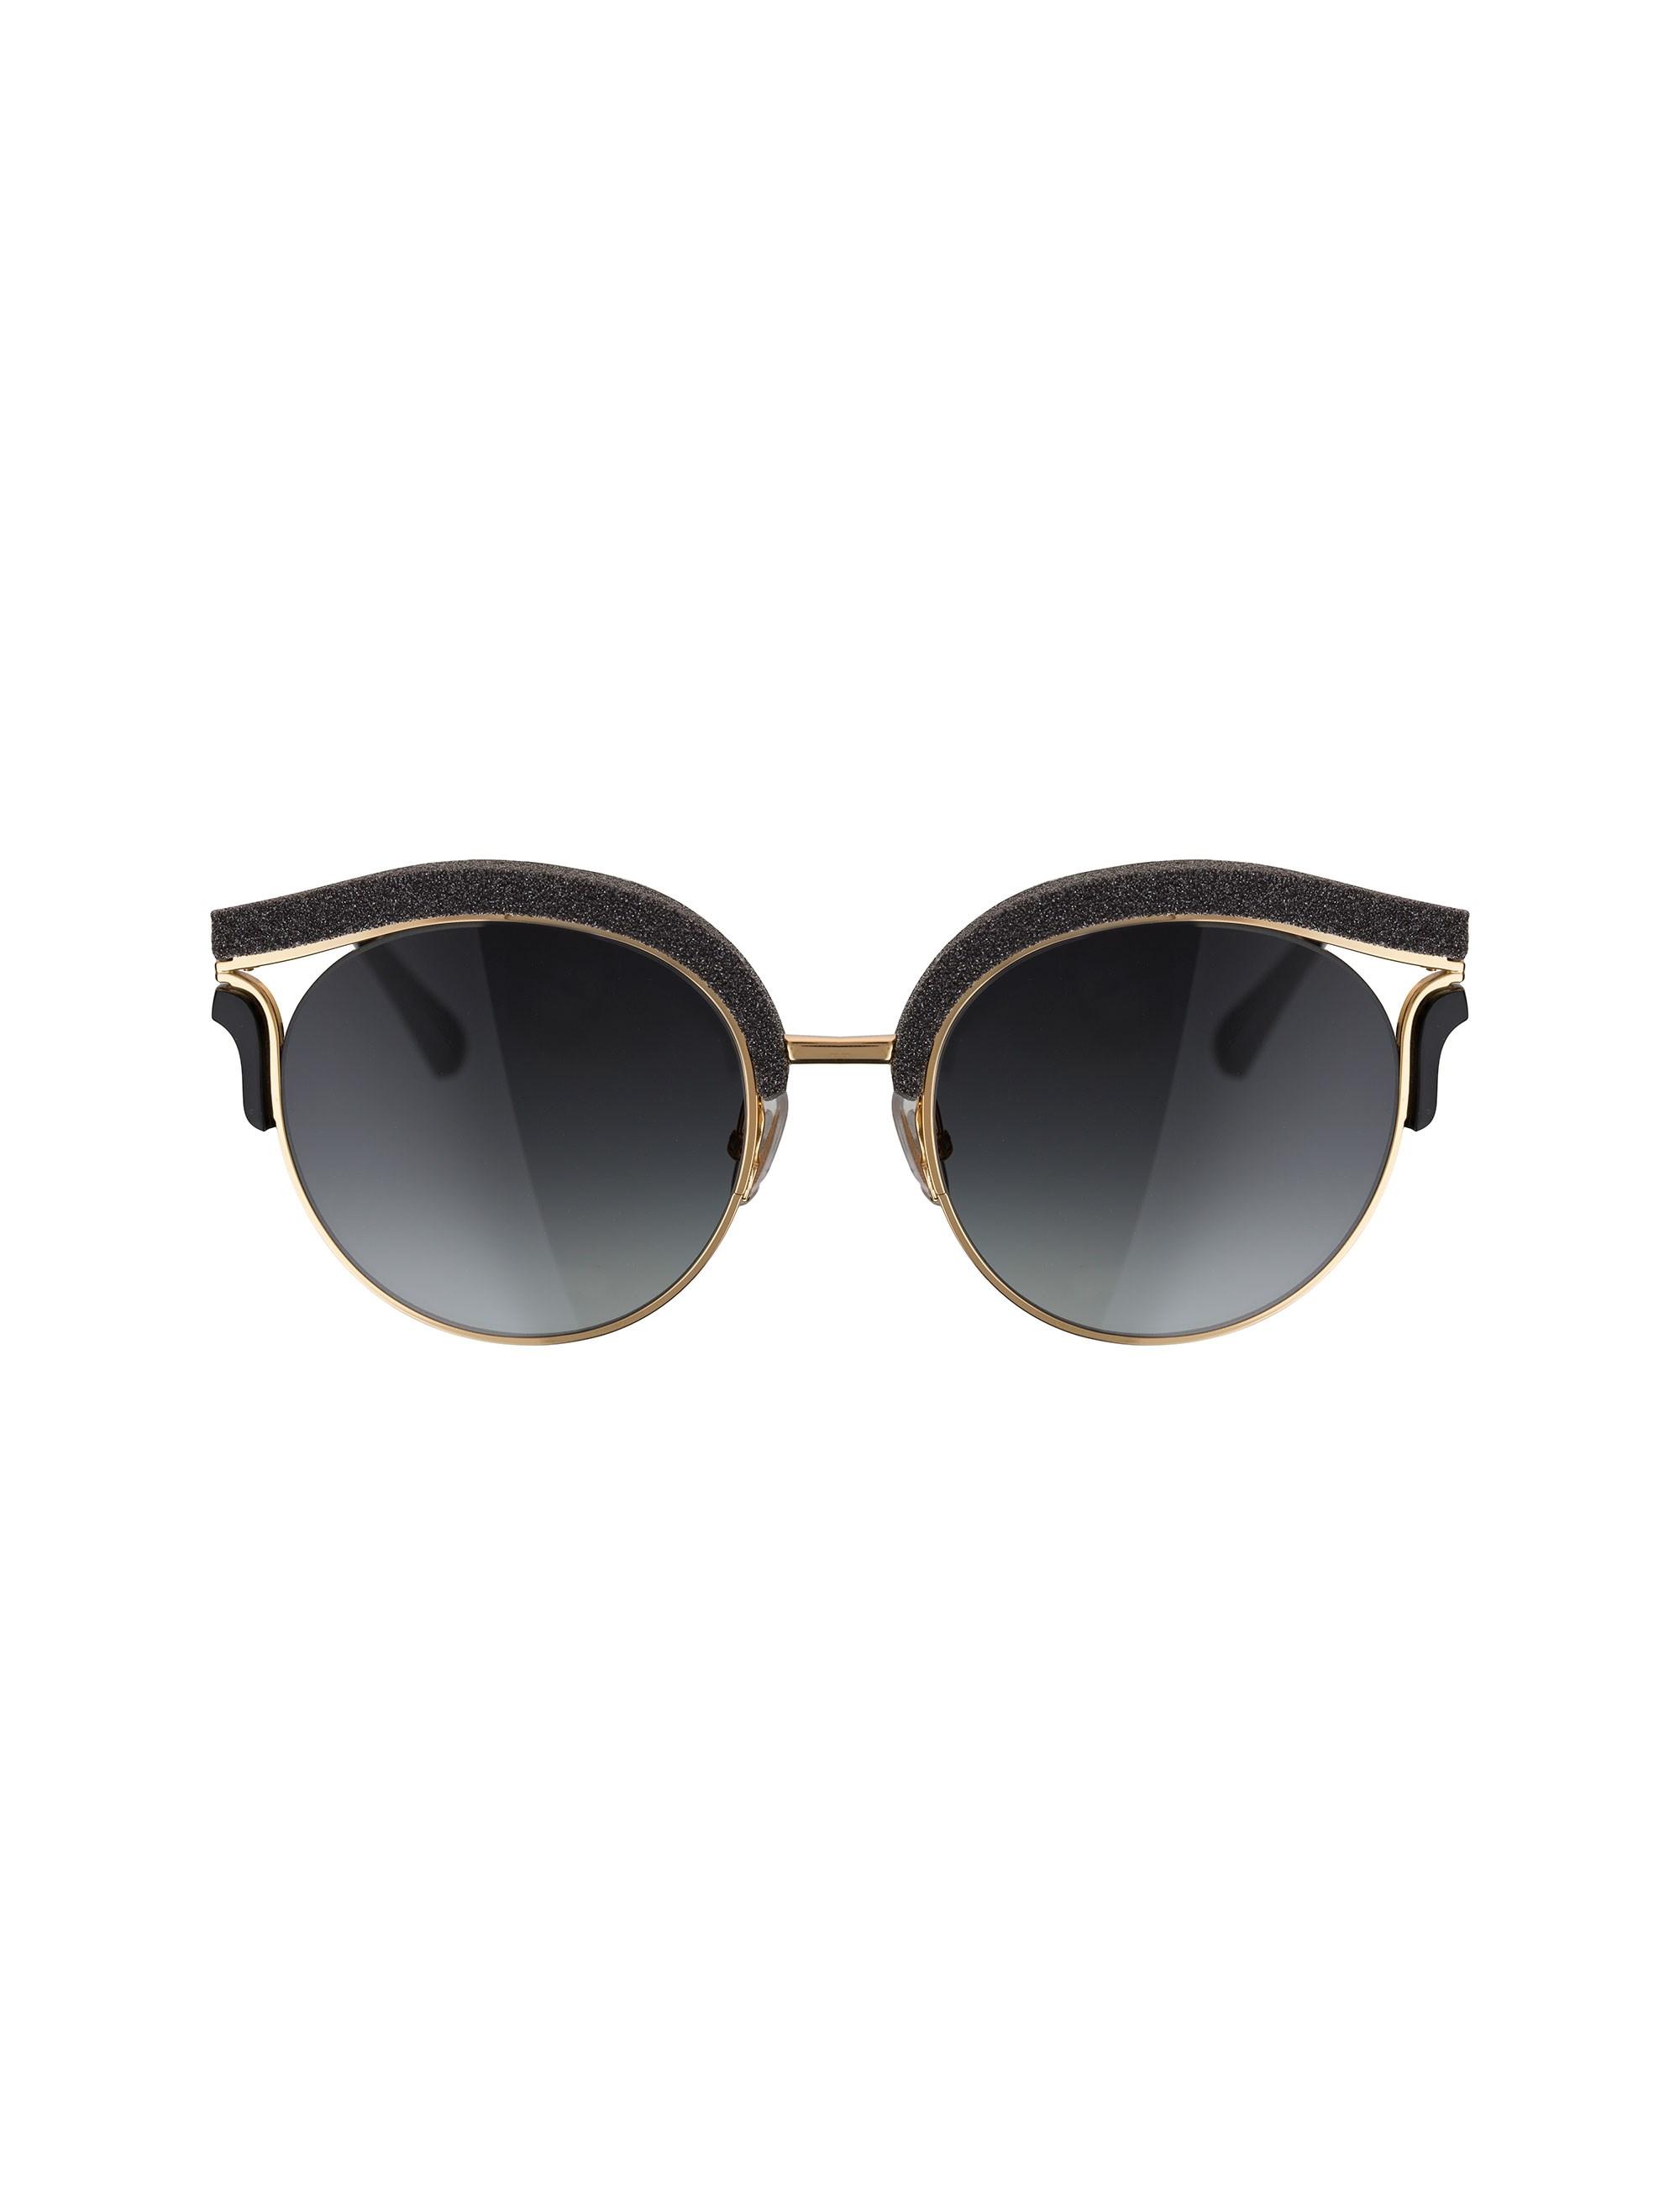 قیمت عینک آفتابی گربه ای زنانه - جیمی چو